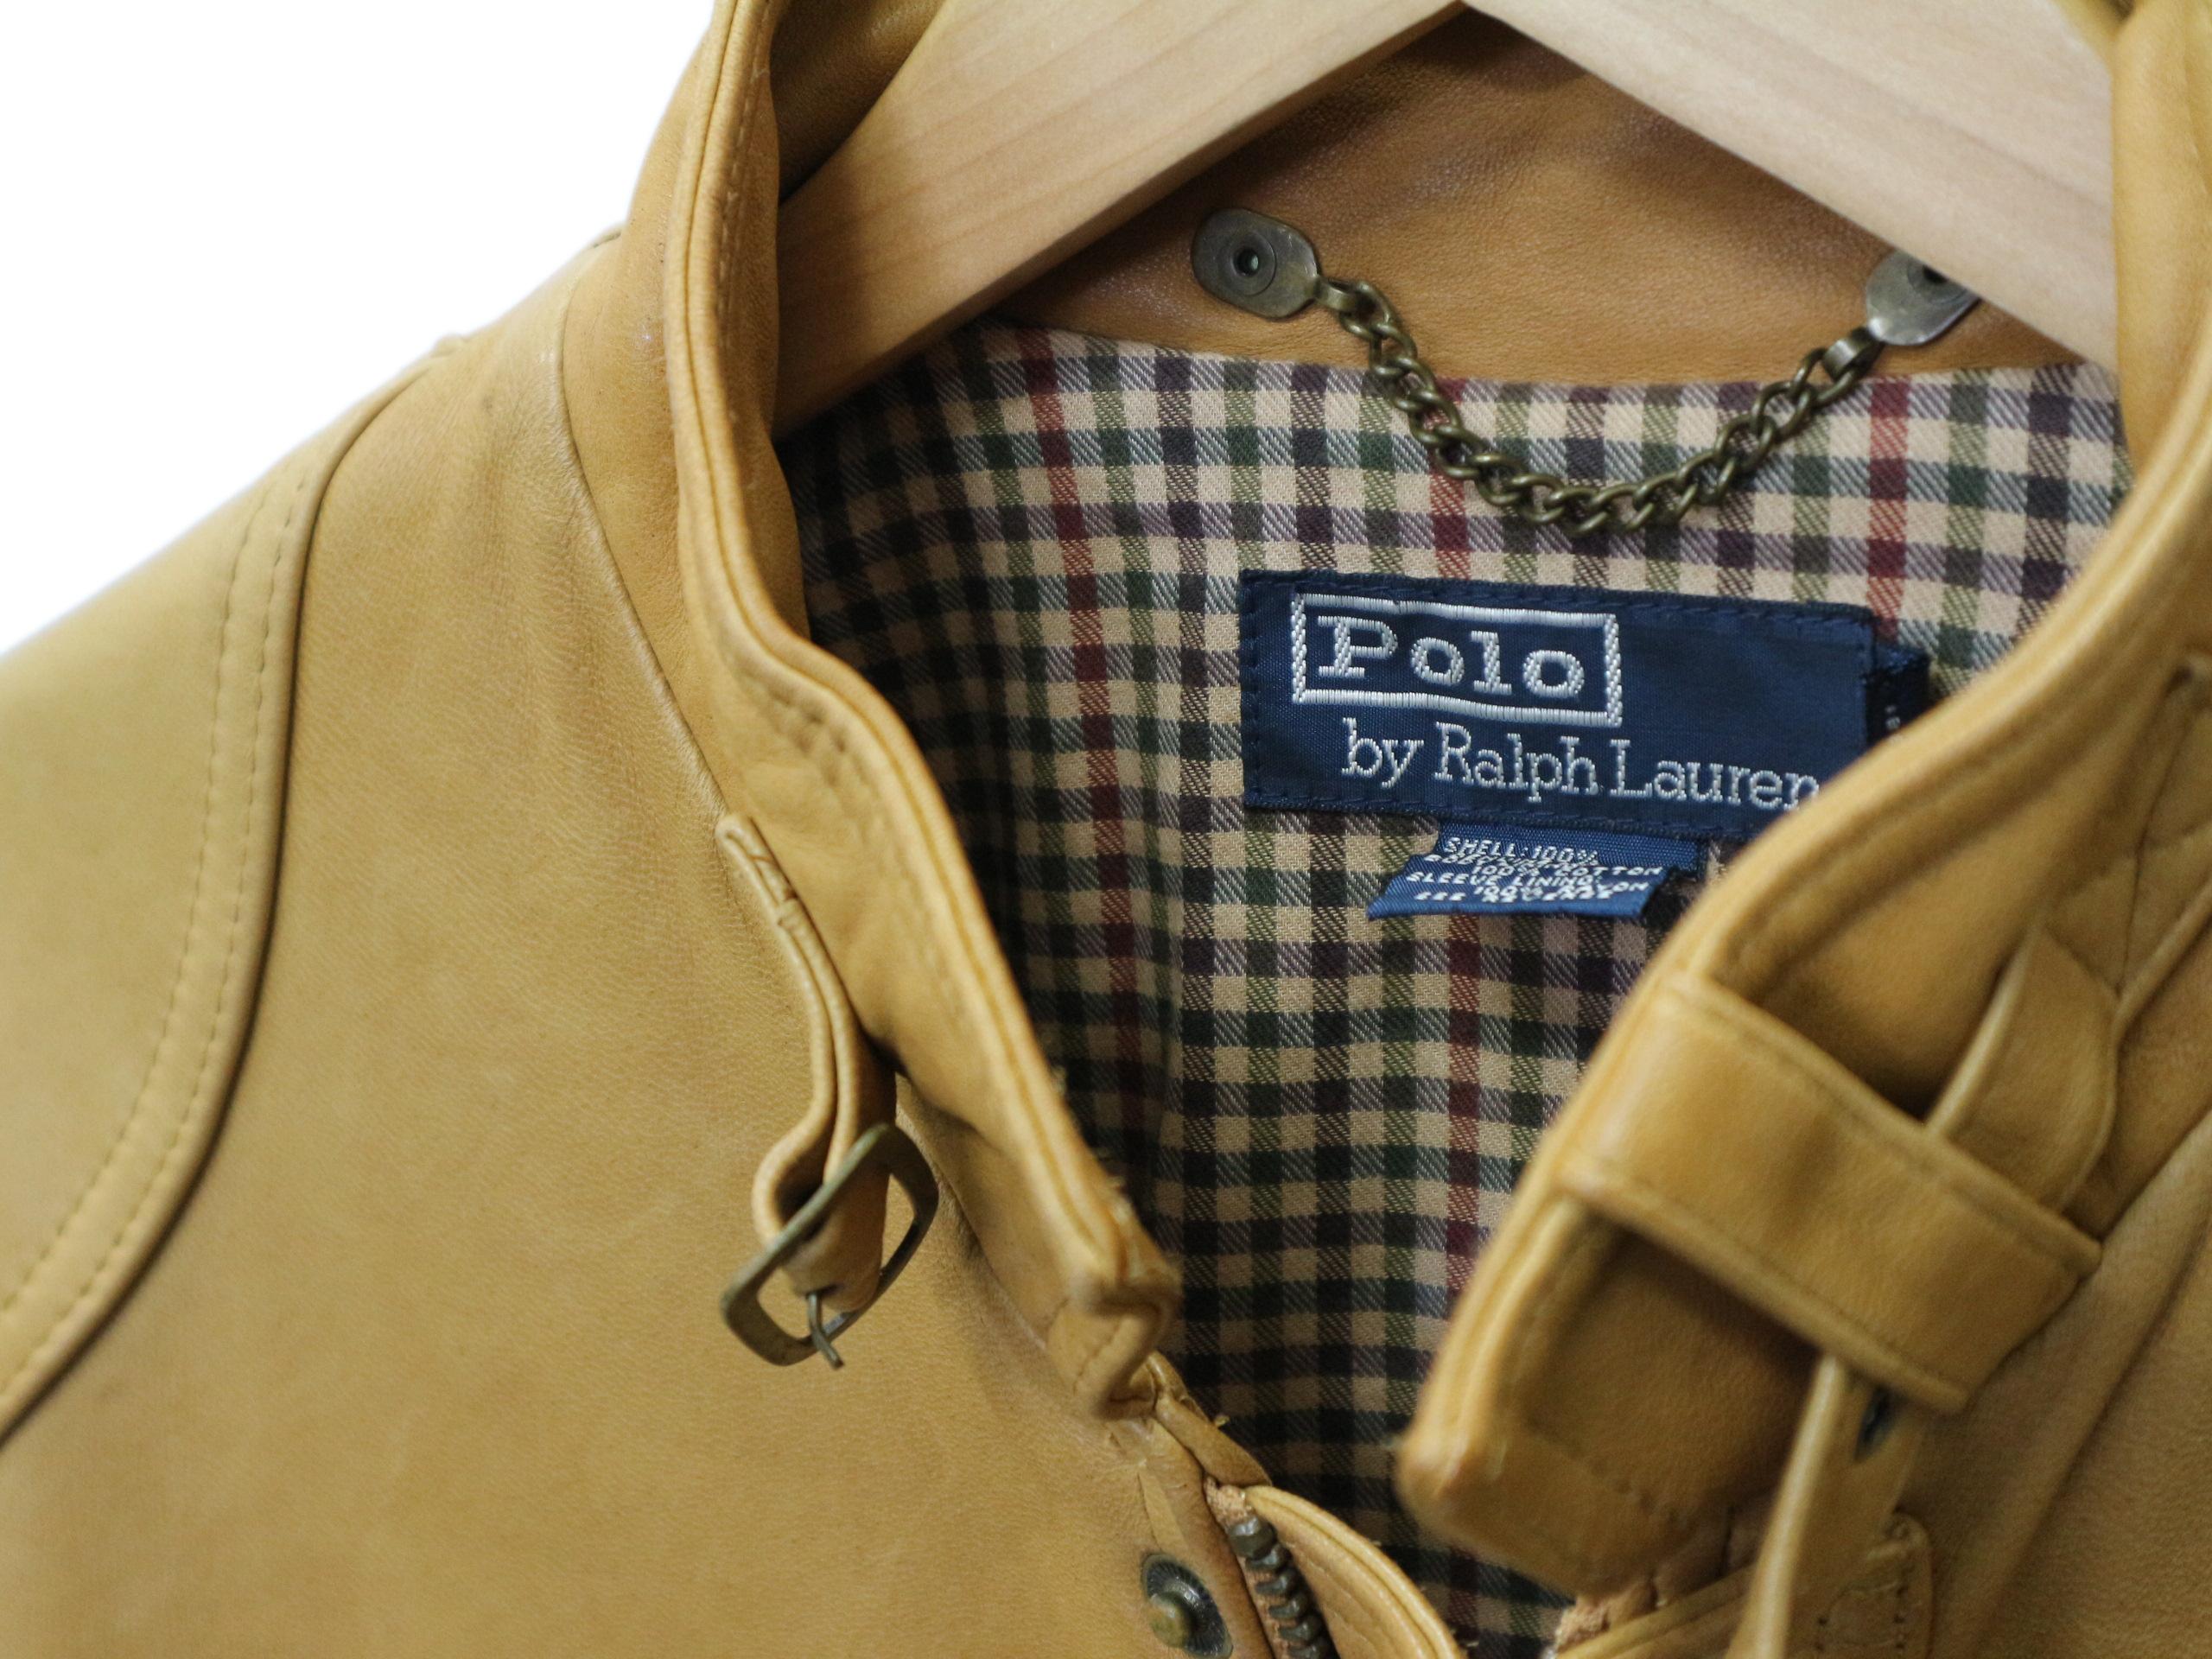 【Ralph Lauren/ラルフローレン】のジャケットを2点ご紹介!